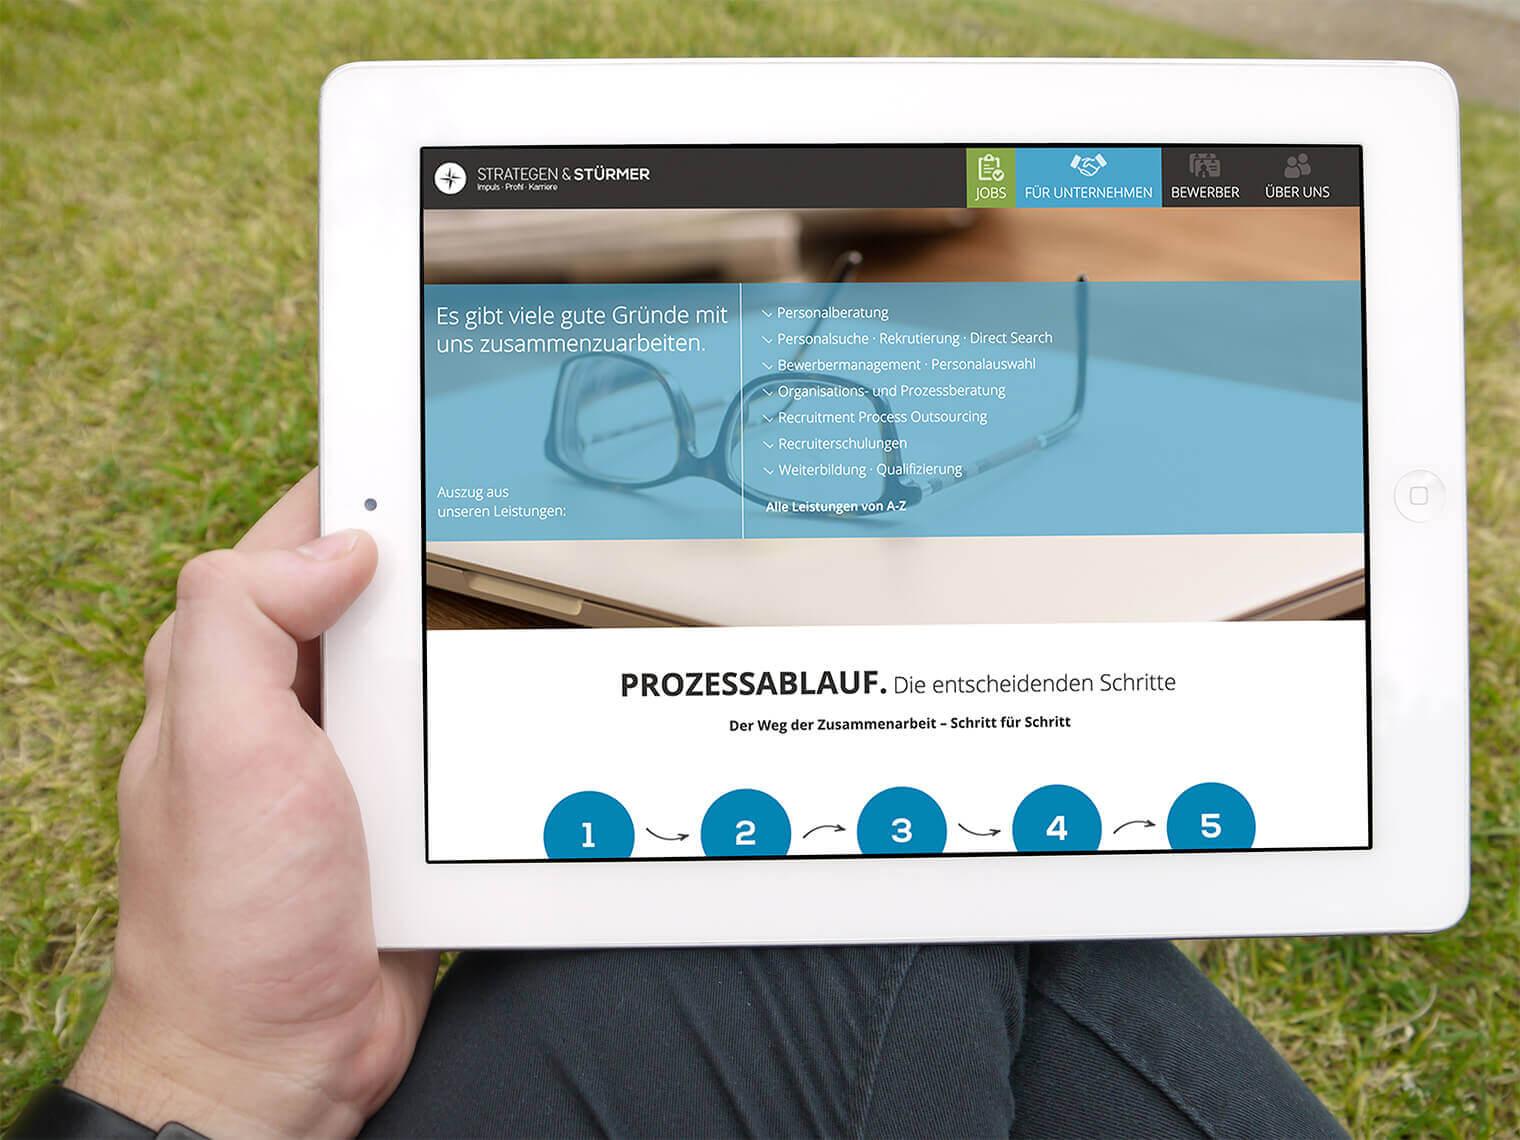 STRATEGEN & STÜRMER: Responsive Webdesign